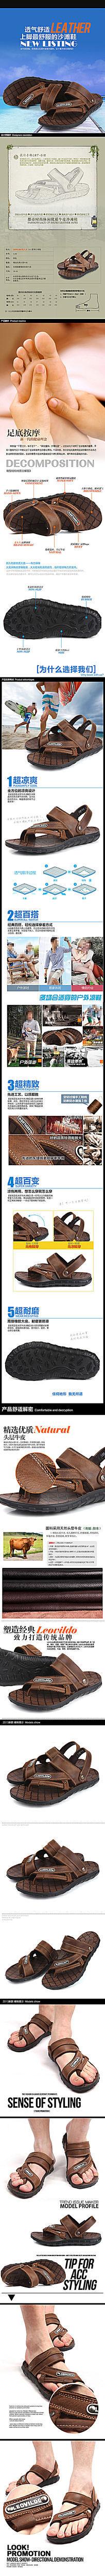 淘宝男鞋详情页细节描述图模板